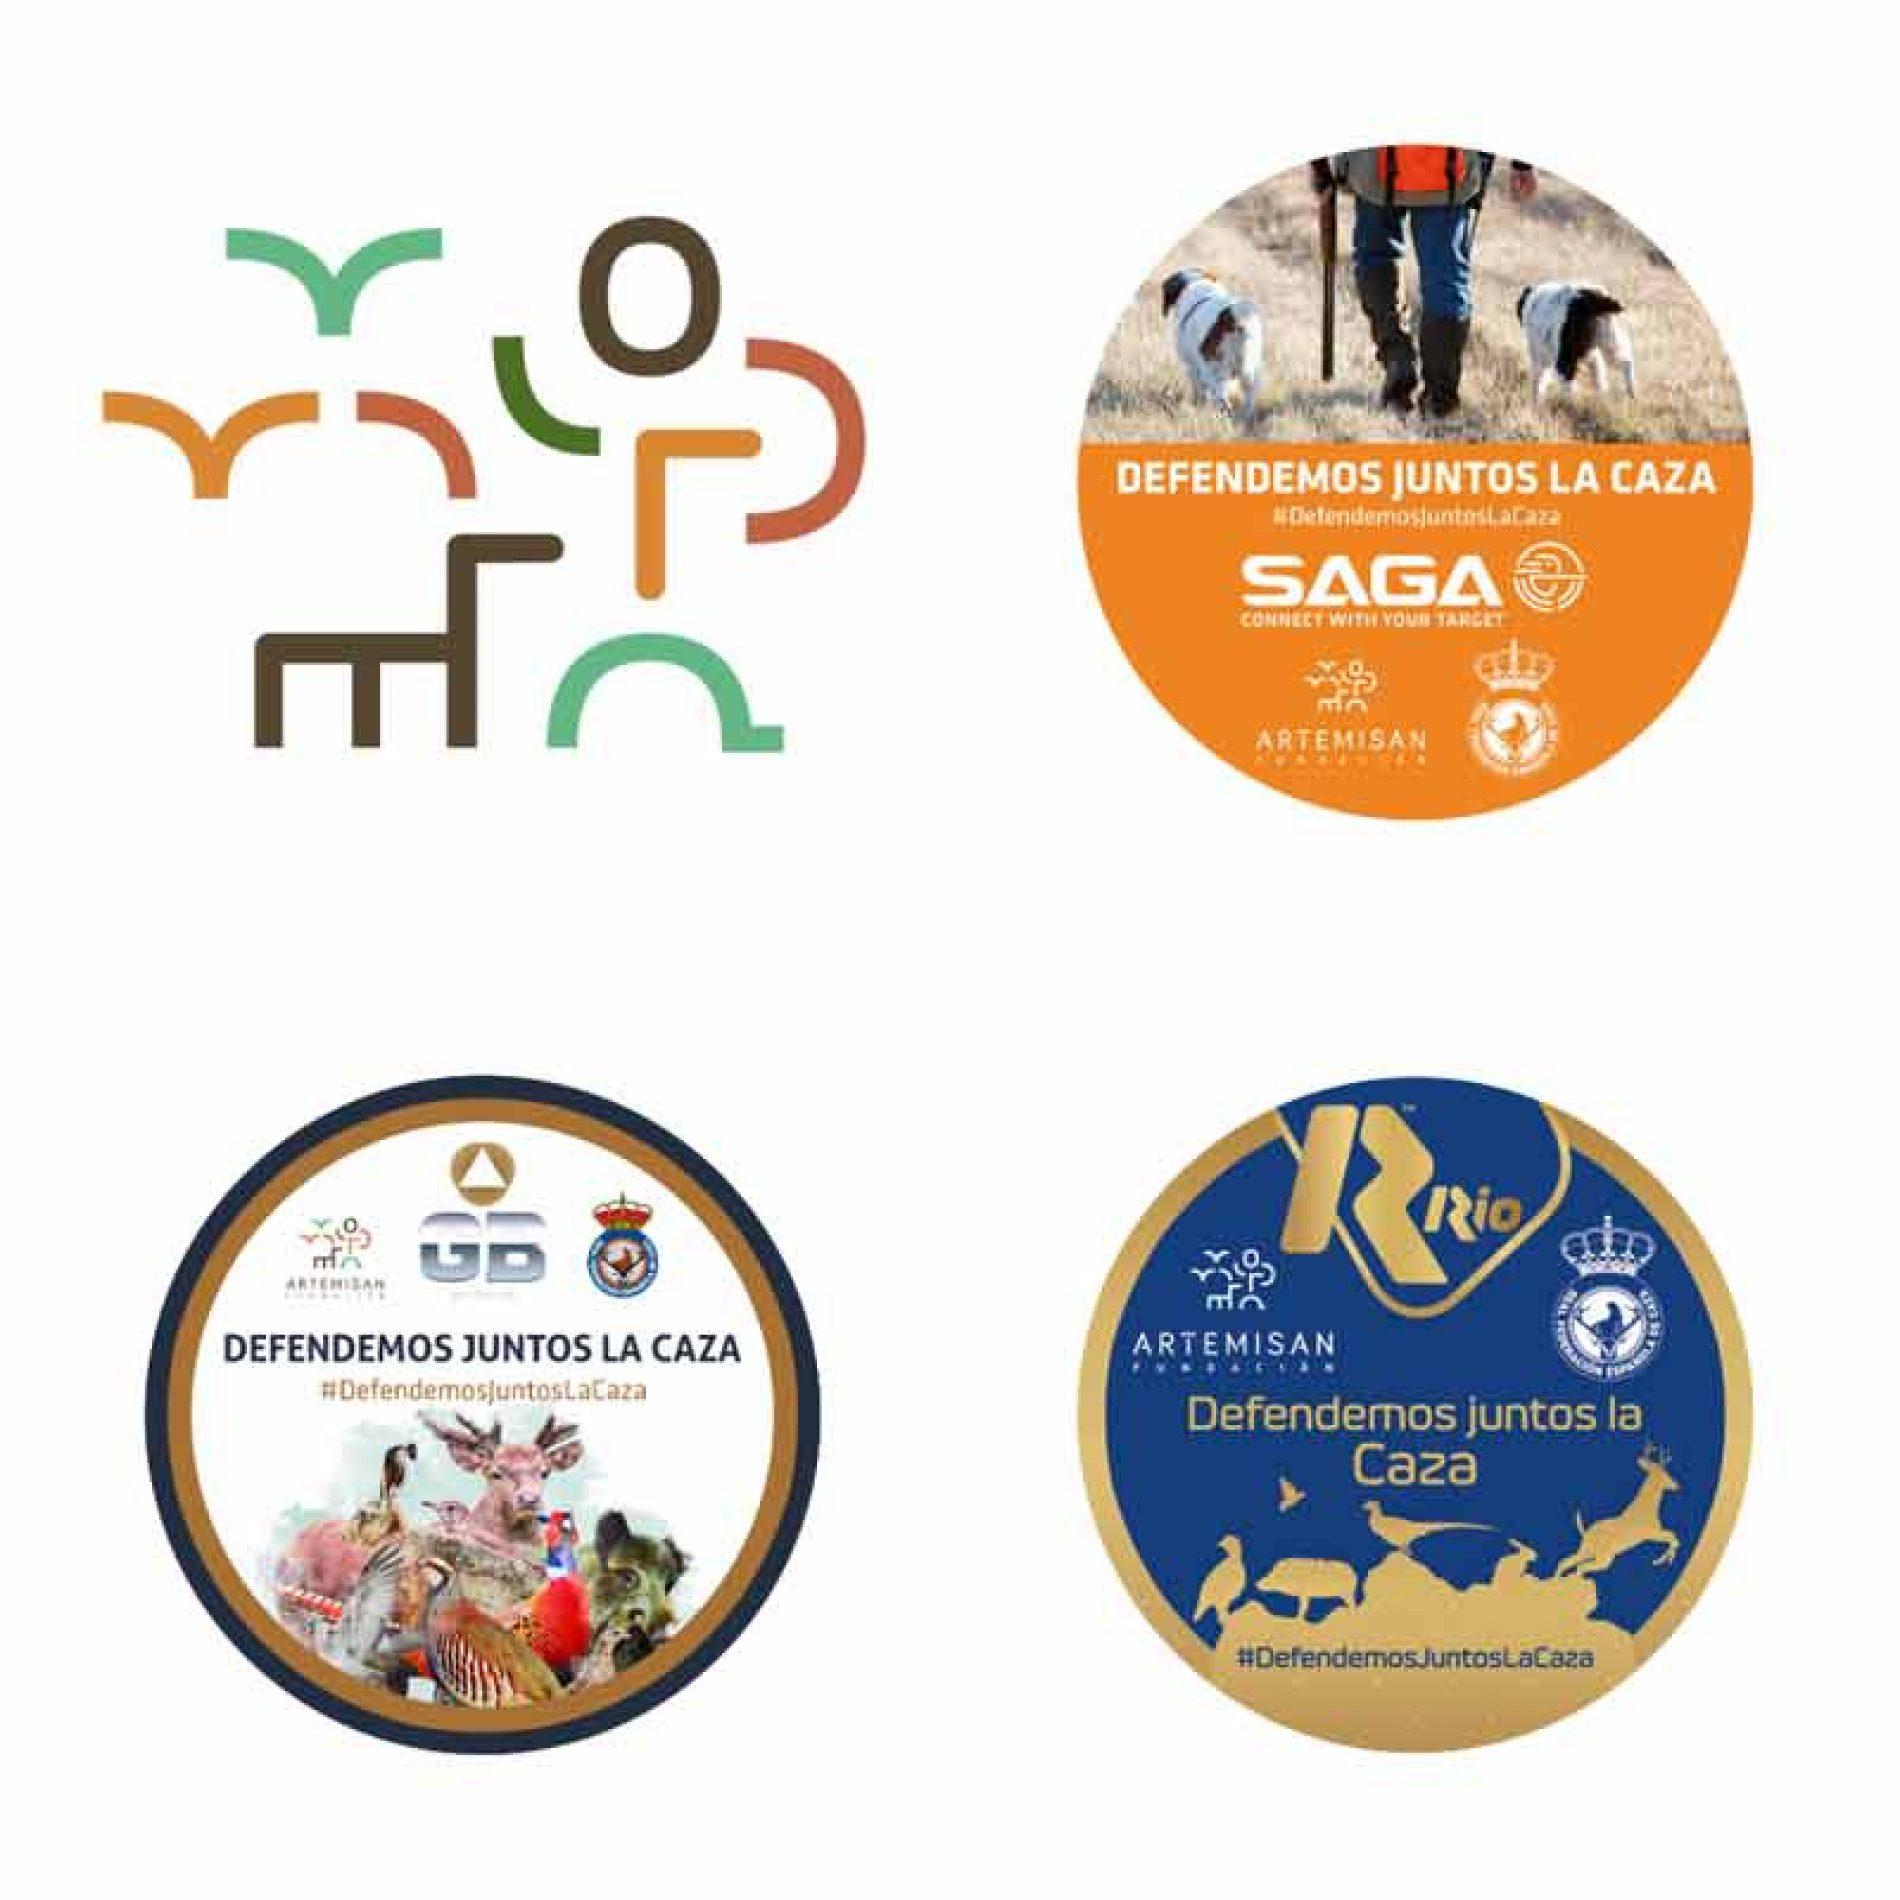 Las marcas de cartuchería RIO, SAGA y GB se unen a Artemisan para la promoción de la gestión cinegética sostenible